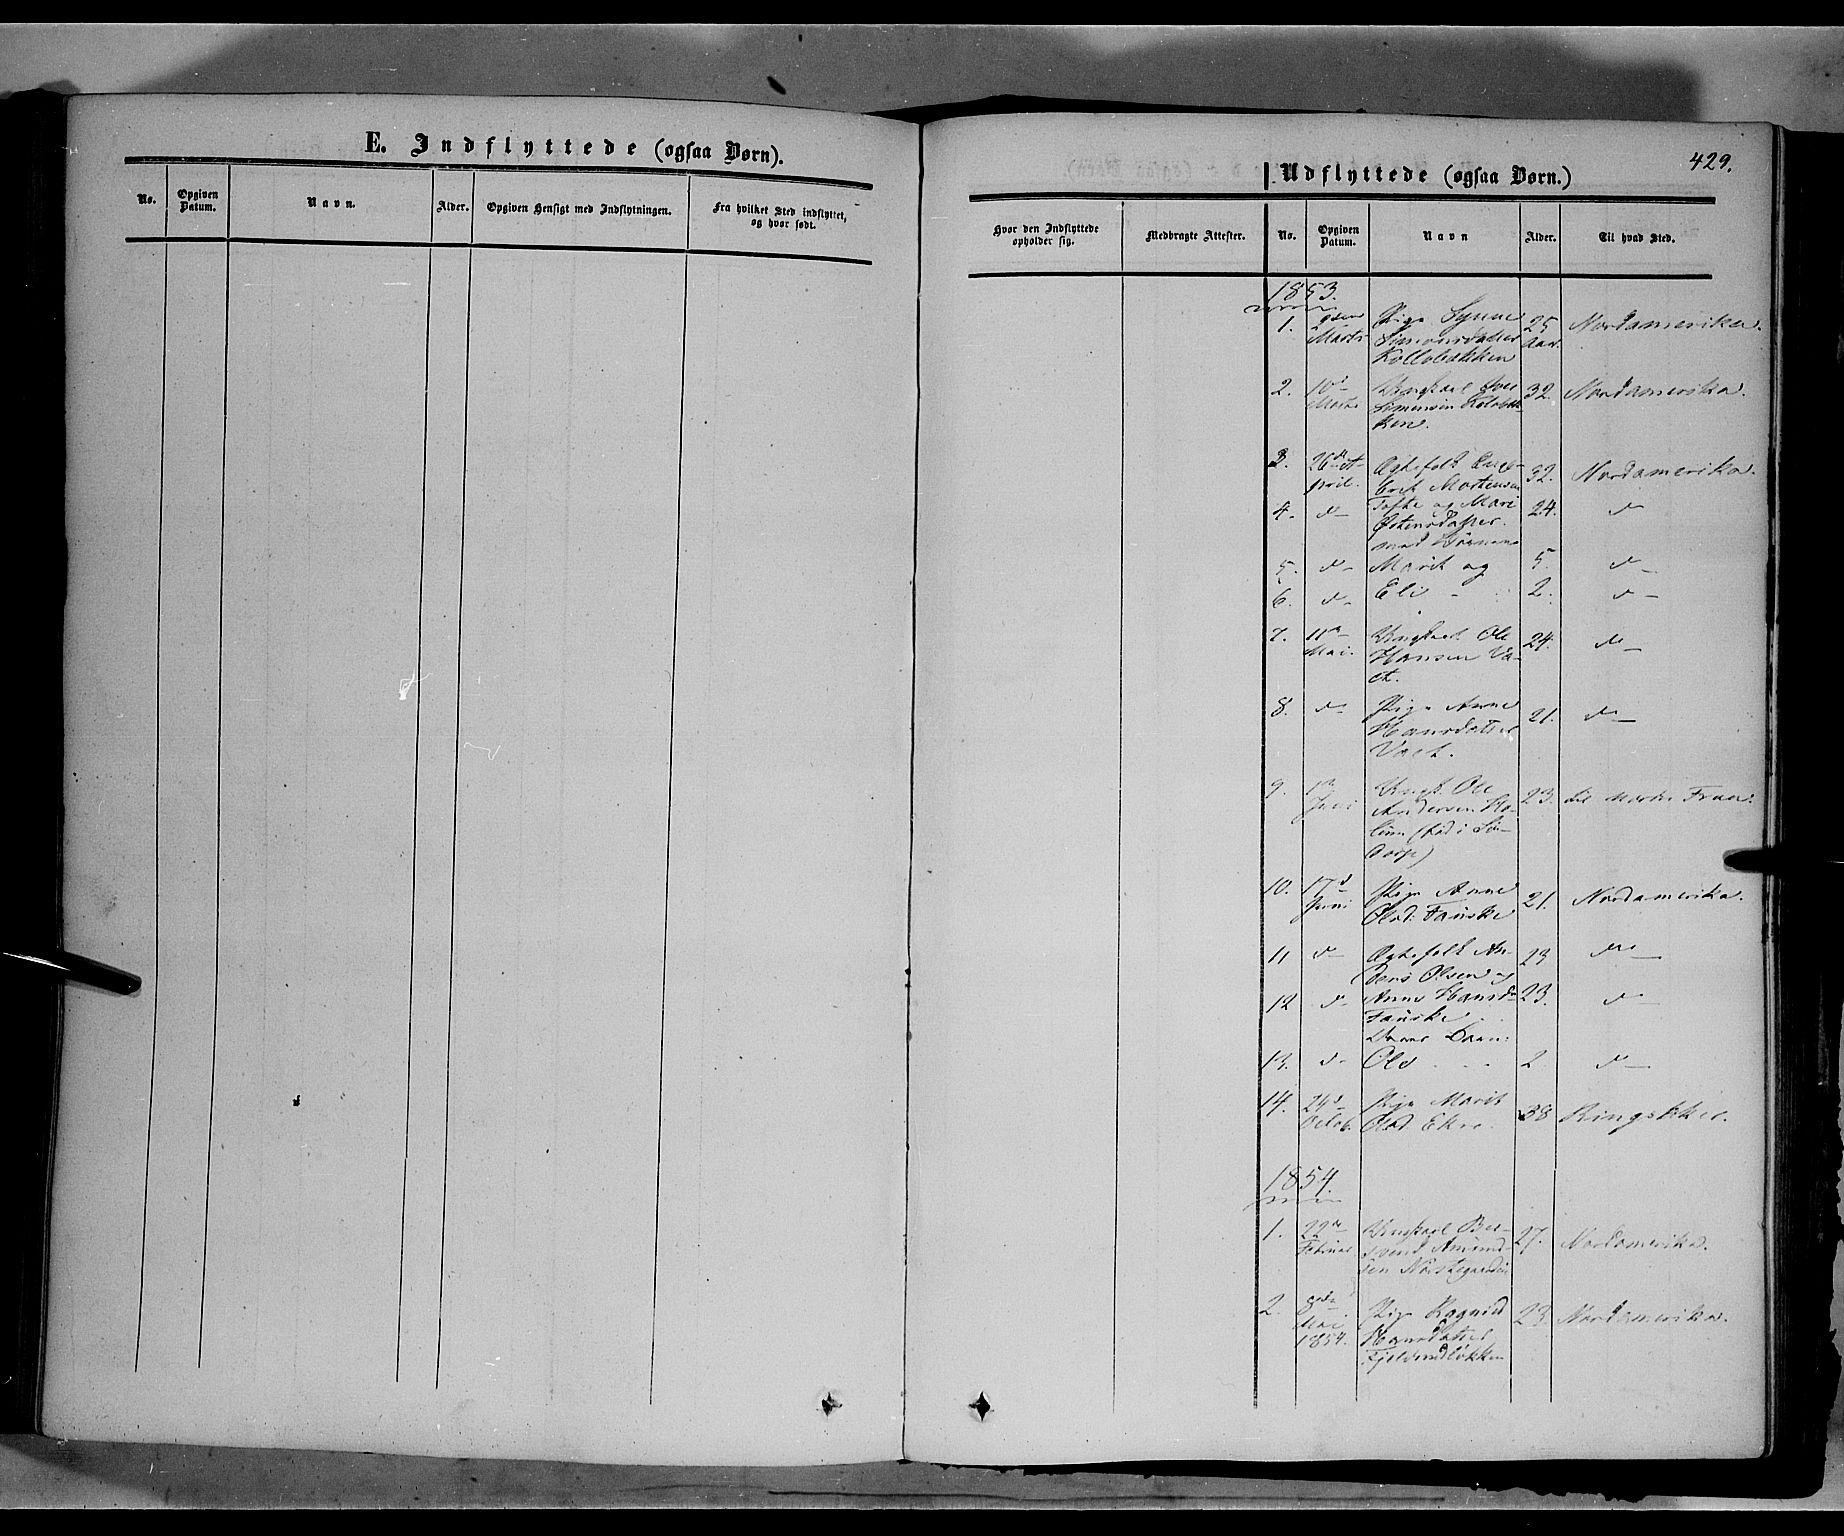 SAH, Sør-Fron prestekontor, H/Ha/Haa/L0001: Ministerialbok nr. 1, 1849-1863, s. 429